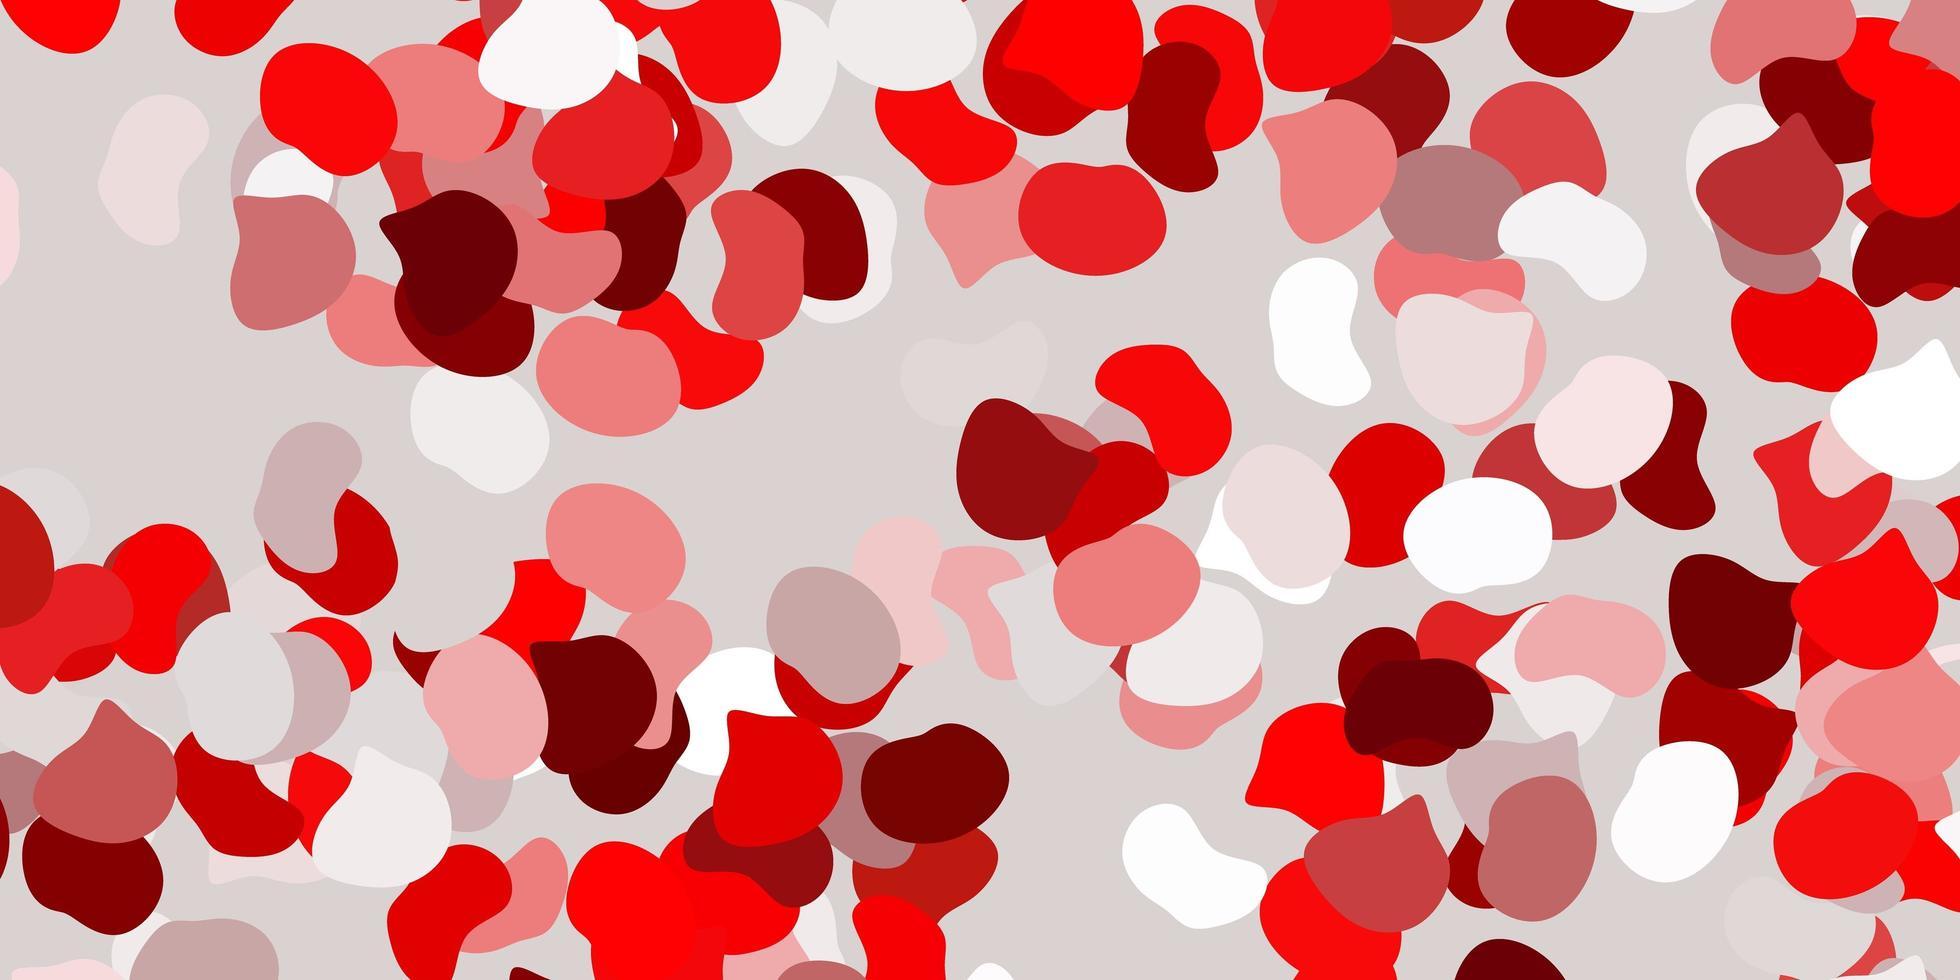 pano de fundo vermelho com formas caóticas. vetor